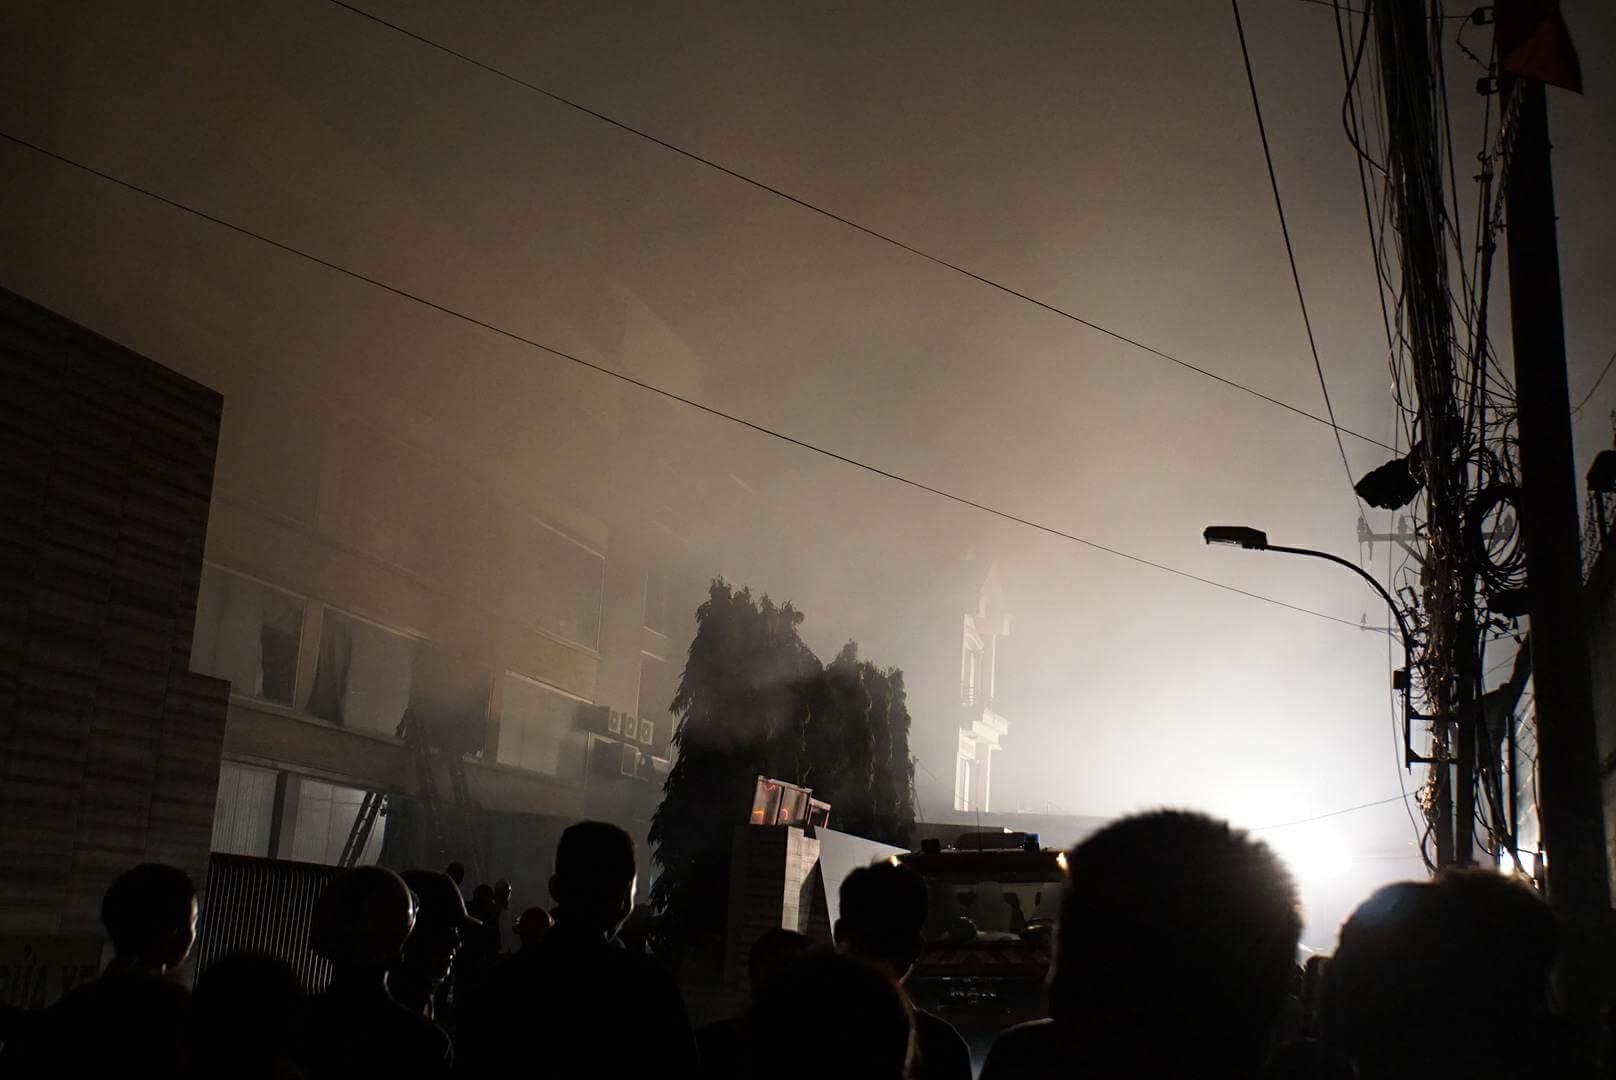 Hàng trăm lính cứu hỏa vật lộn với đám cháy xưởng bánh kẹo rộng gần 2.000m2 - 2